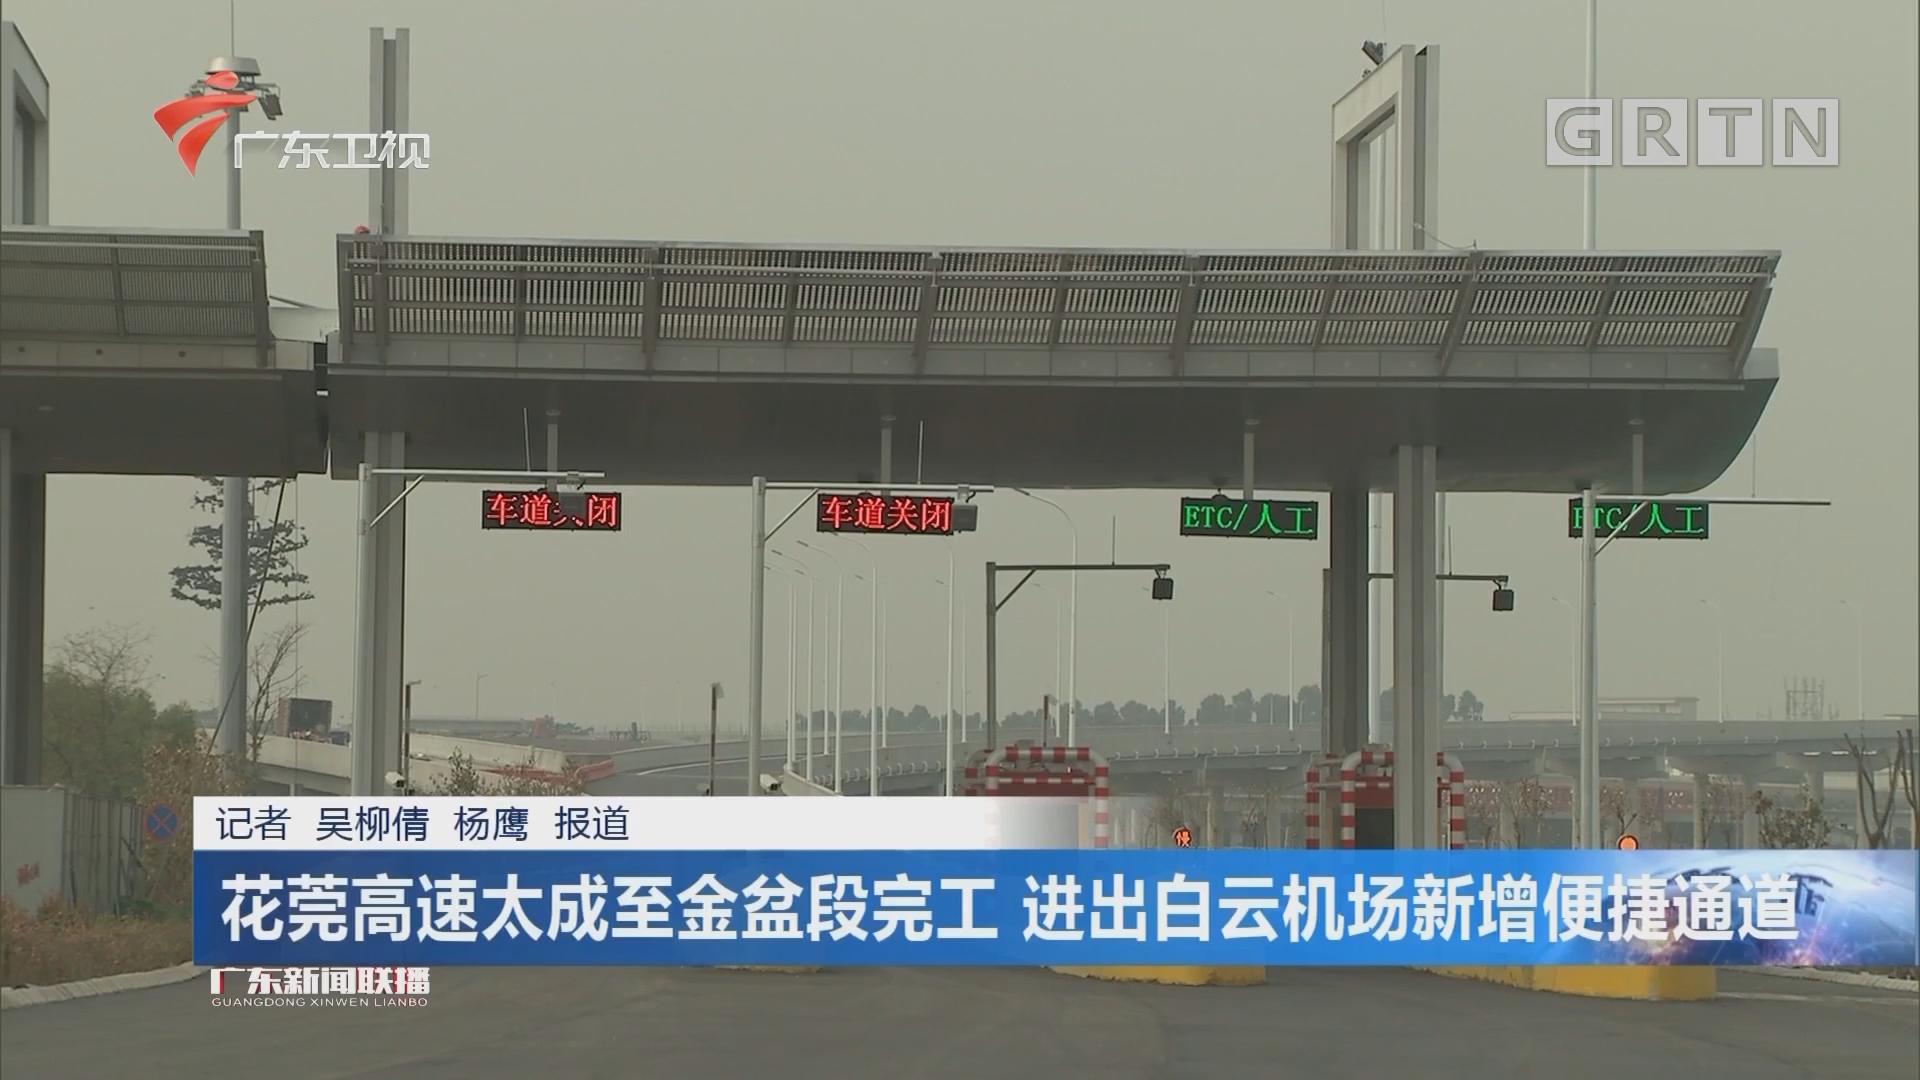 花莞高速太成至金盆段完工 进出白云机场新增便捷通道